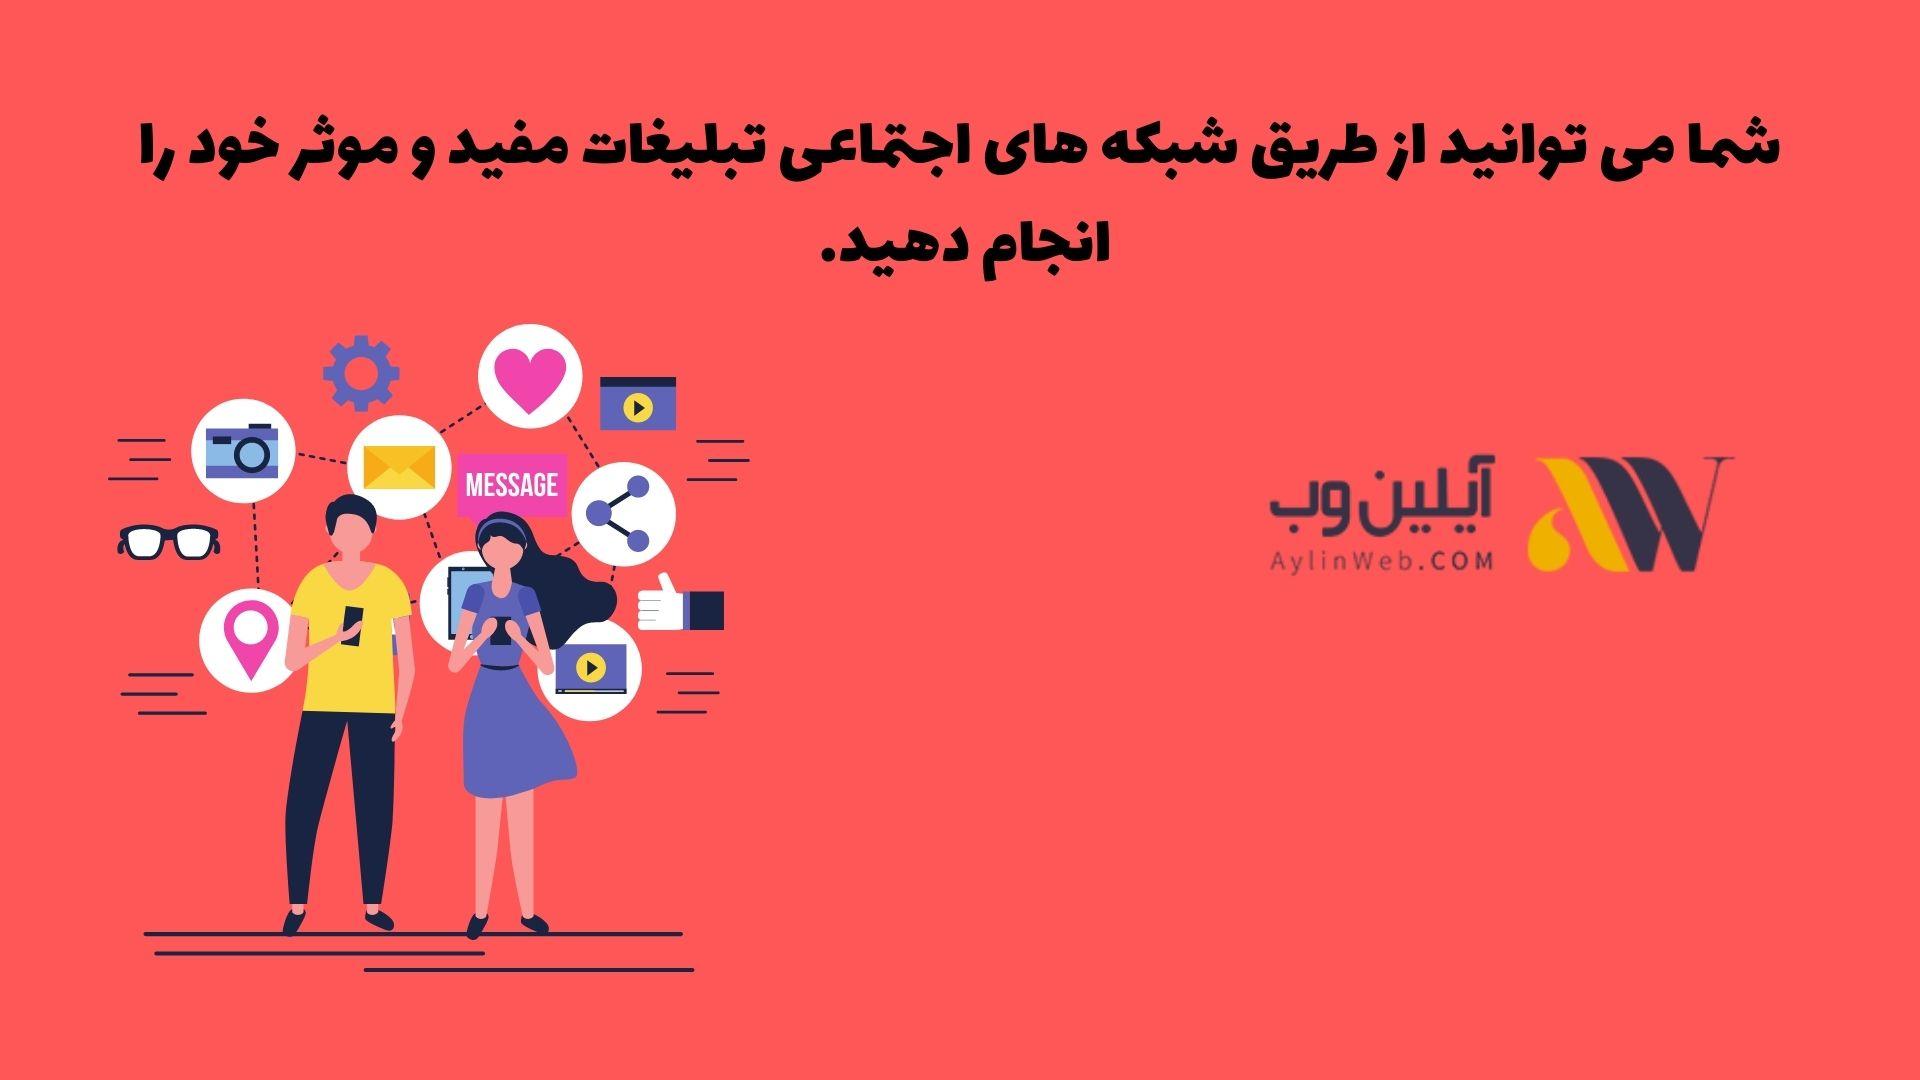 شما می توانید از طریق شبکه های اجتماعی، تبلیغات مفید و موثر خود را انجام دهید.